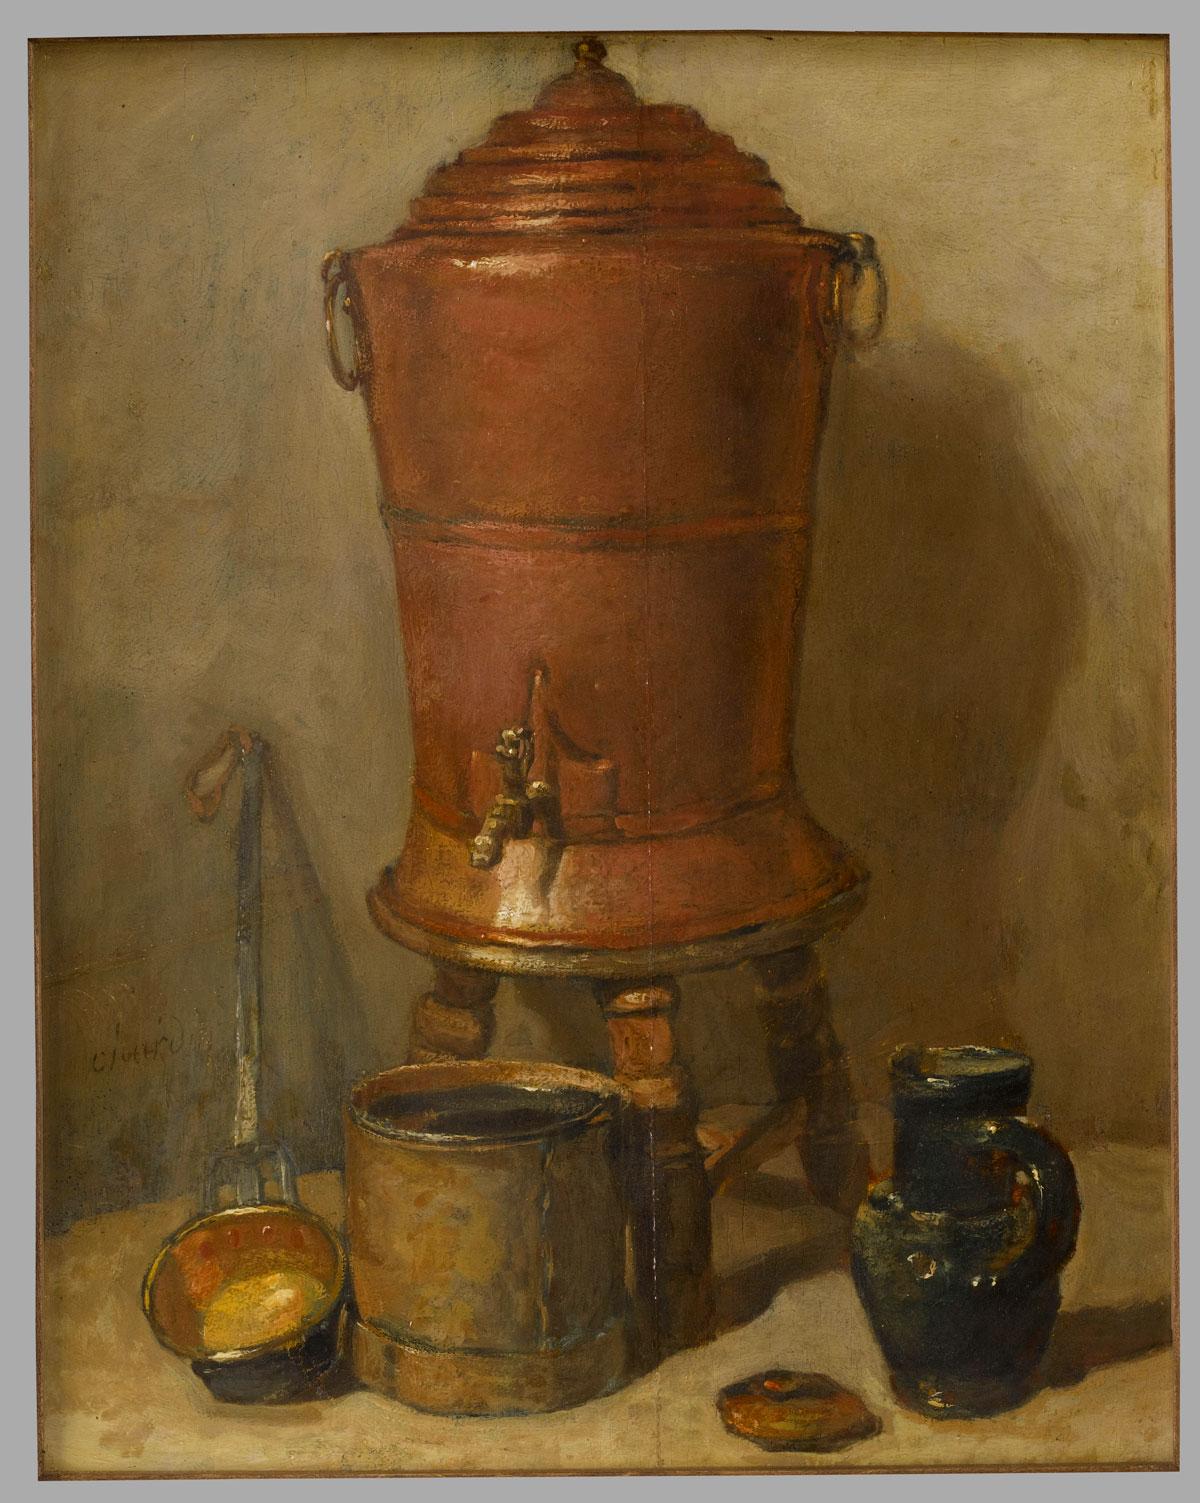 La Fontaine de cuivre, Jean-Simeon Chardin © Musée du Louvre